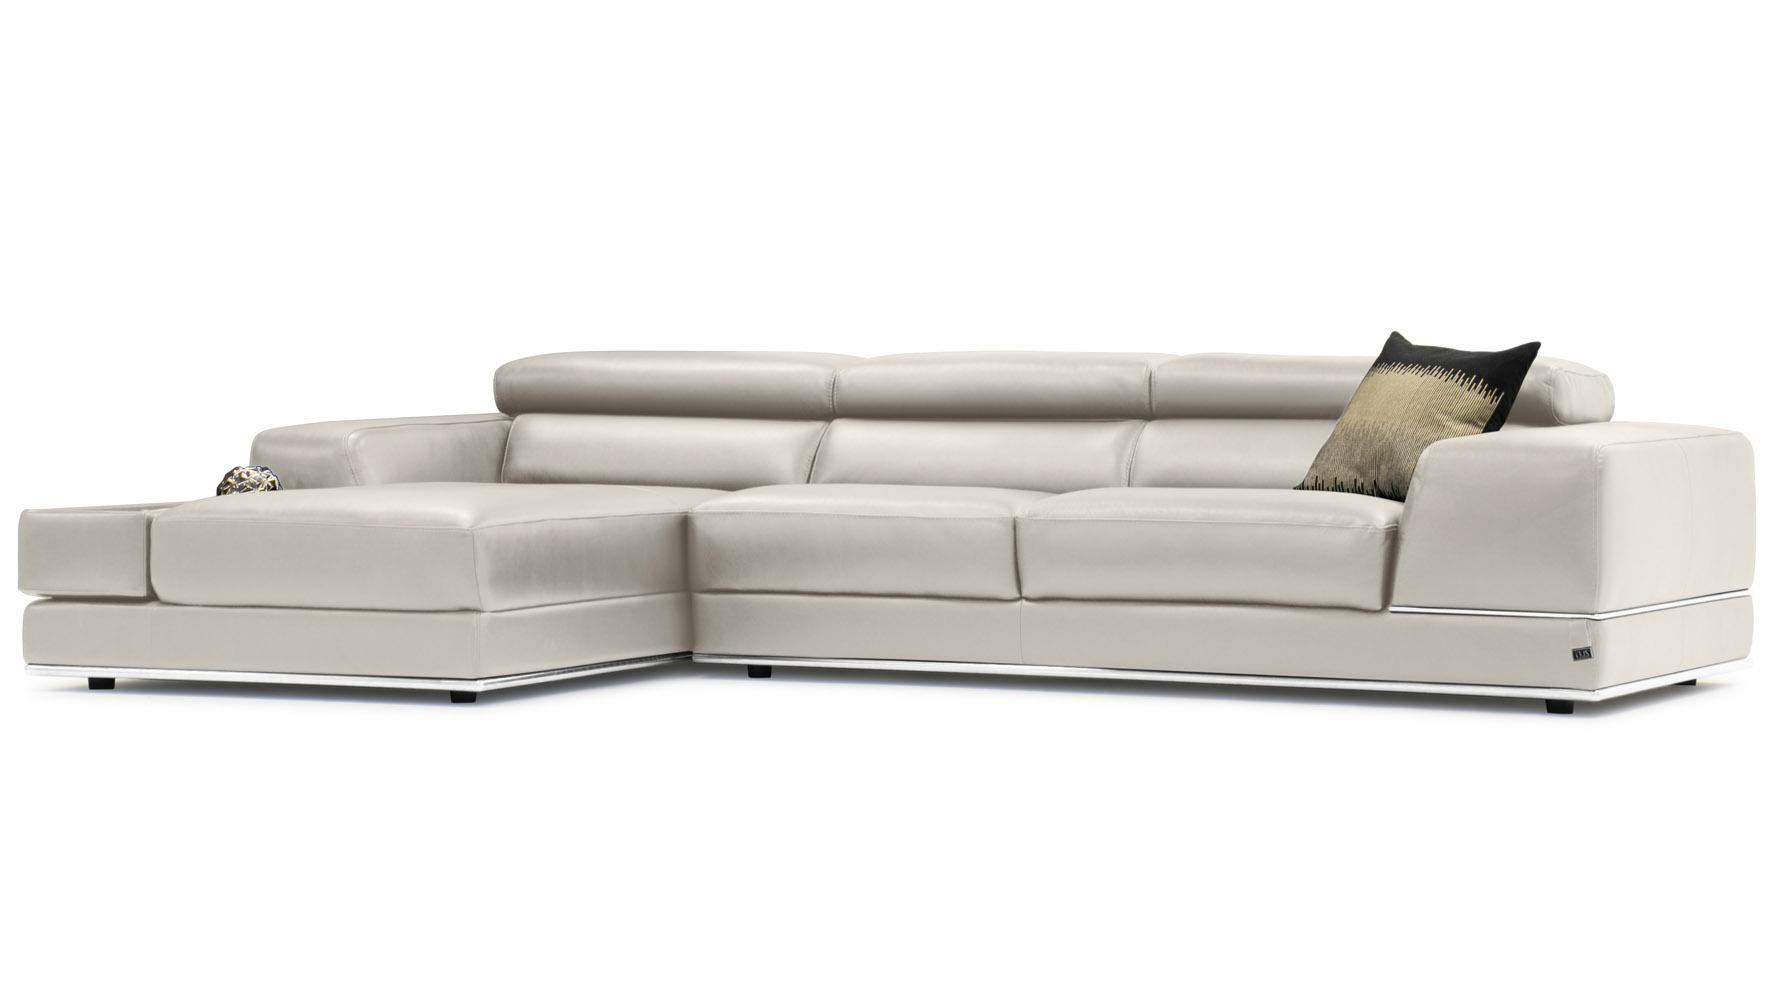 Encore light grey leather sofa zuri furniture for Ashley encore grain chaise